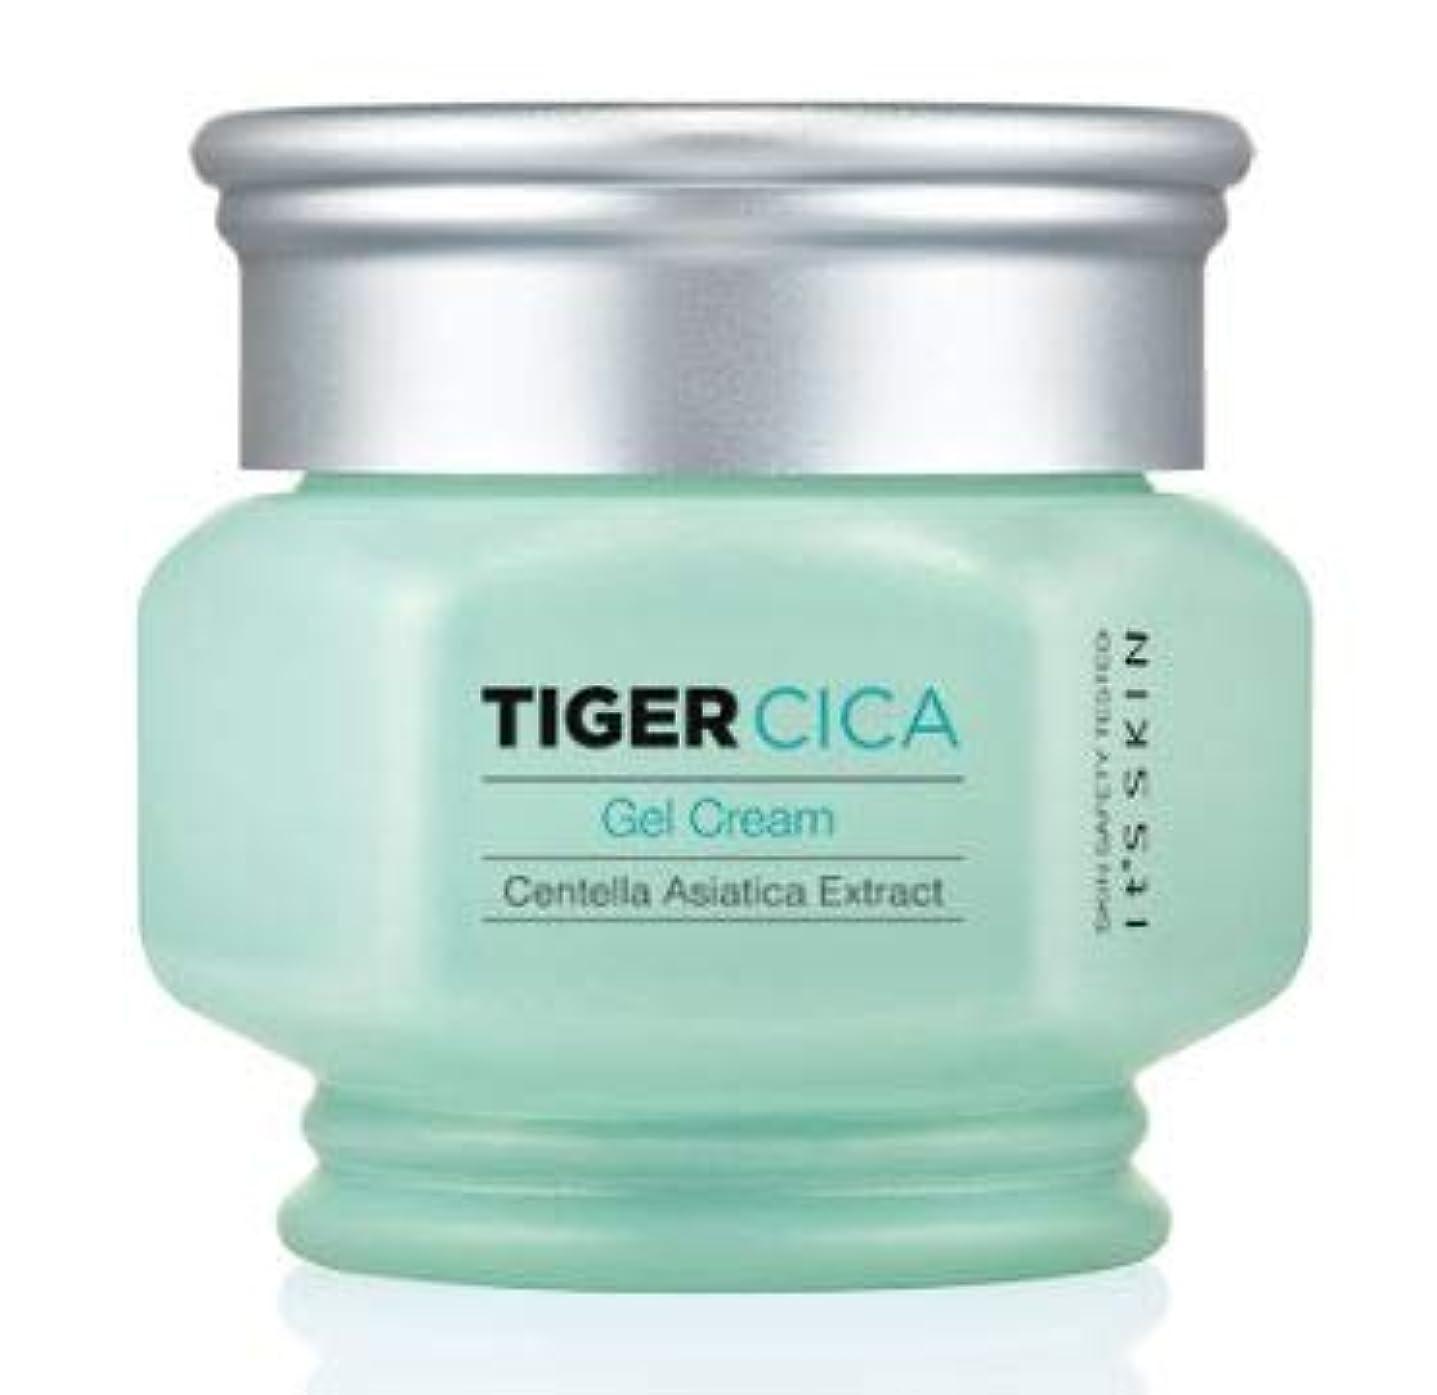 メダリスト足枷描く[It's Skin] Tiger Cica Gel Cream /[イッツスキン] タイガーシカ ジェル クリーム [並行輸入品]